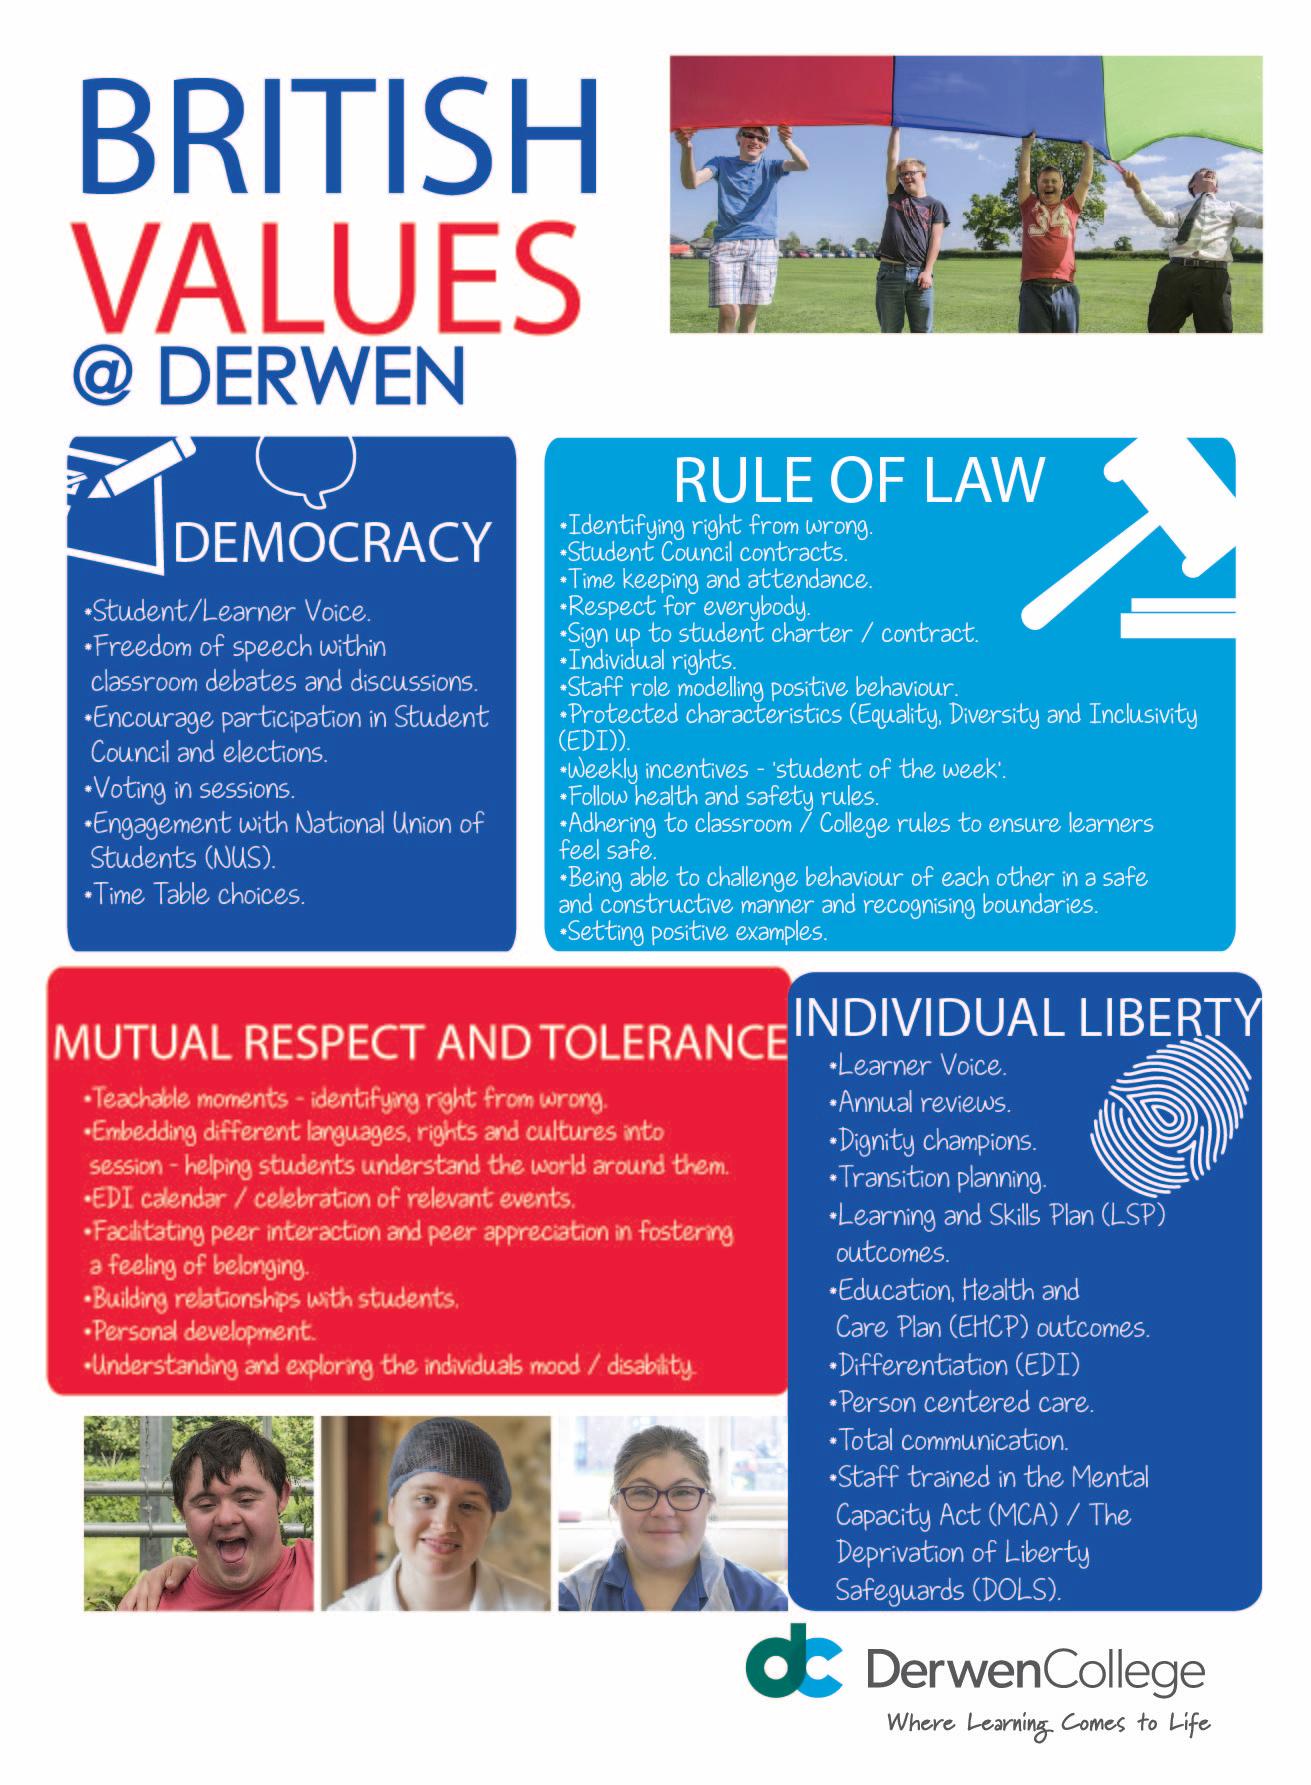 British Values @ Derwen